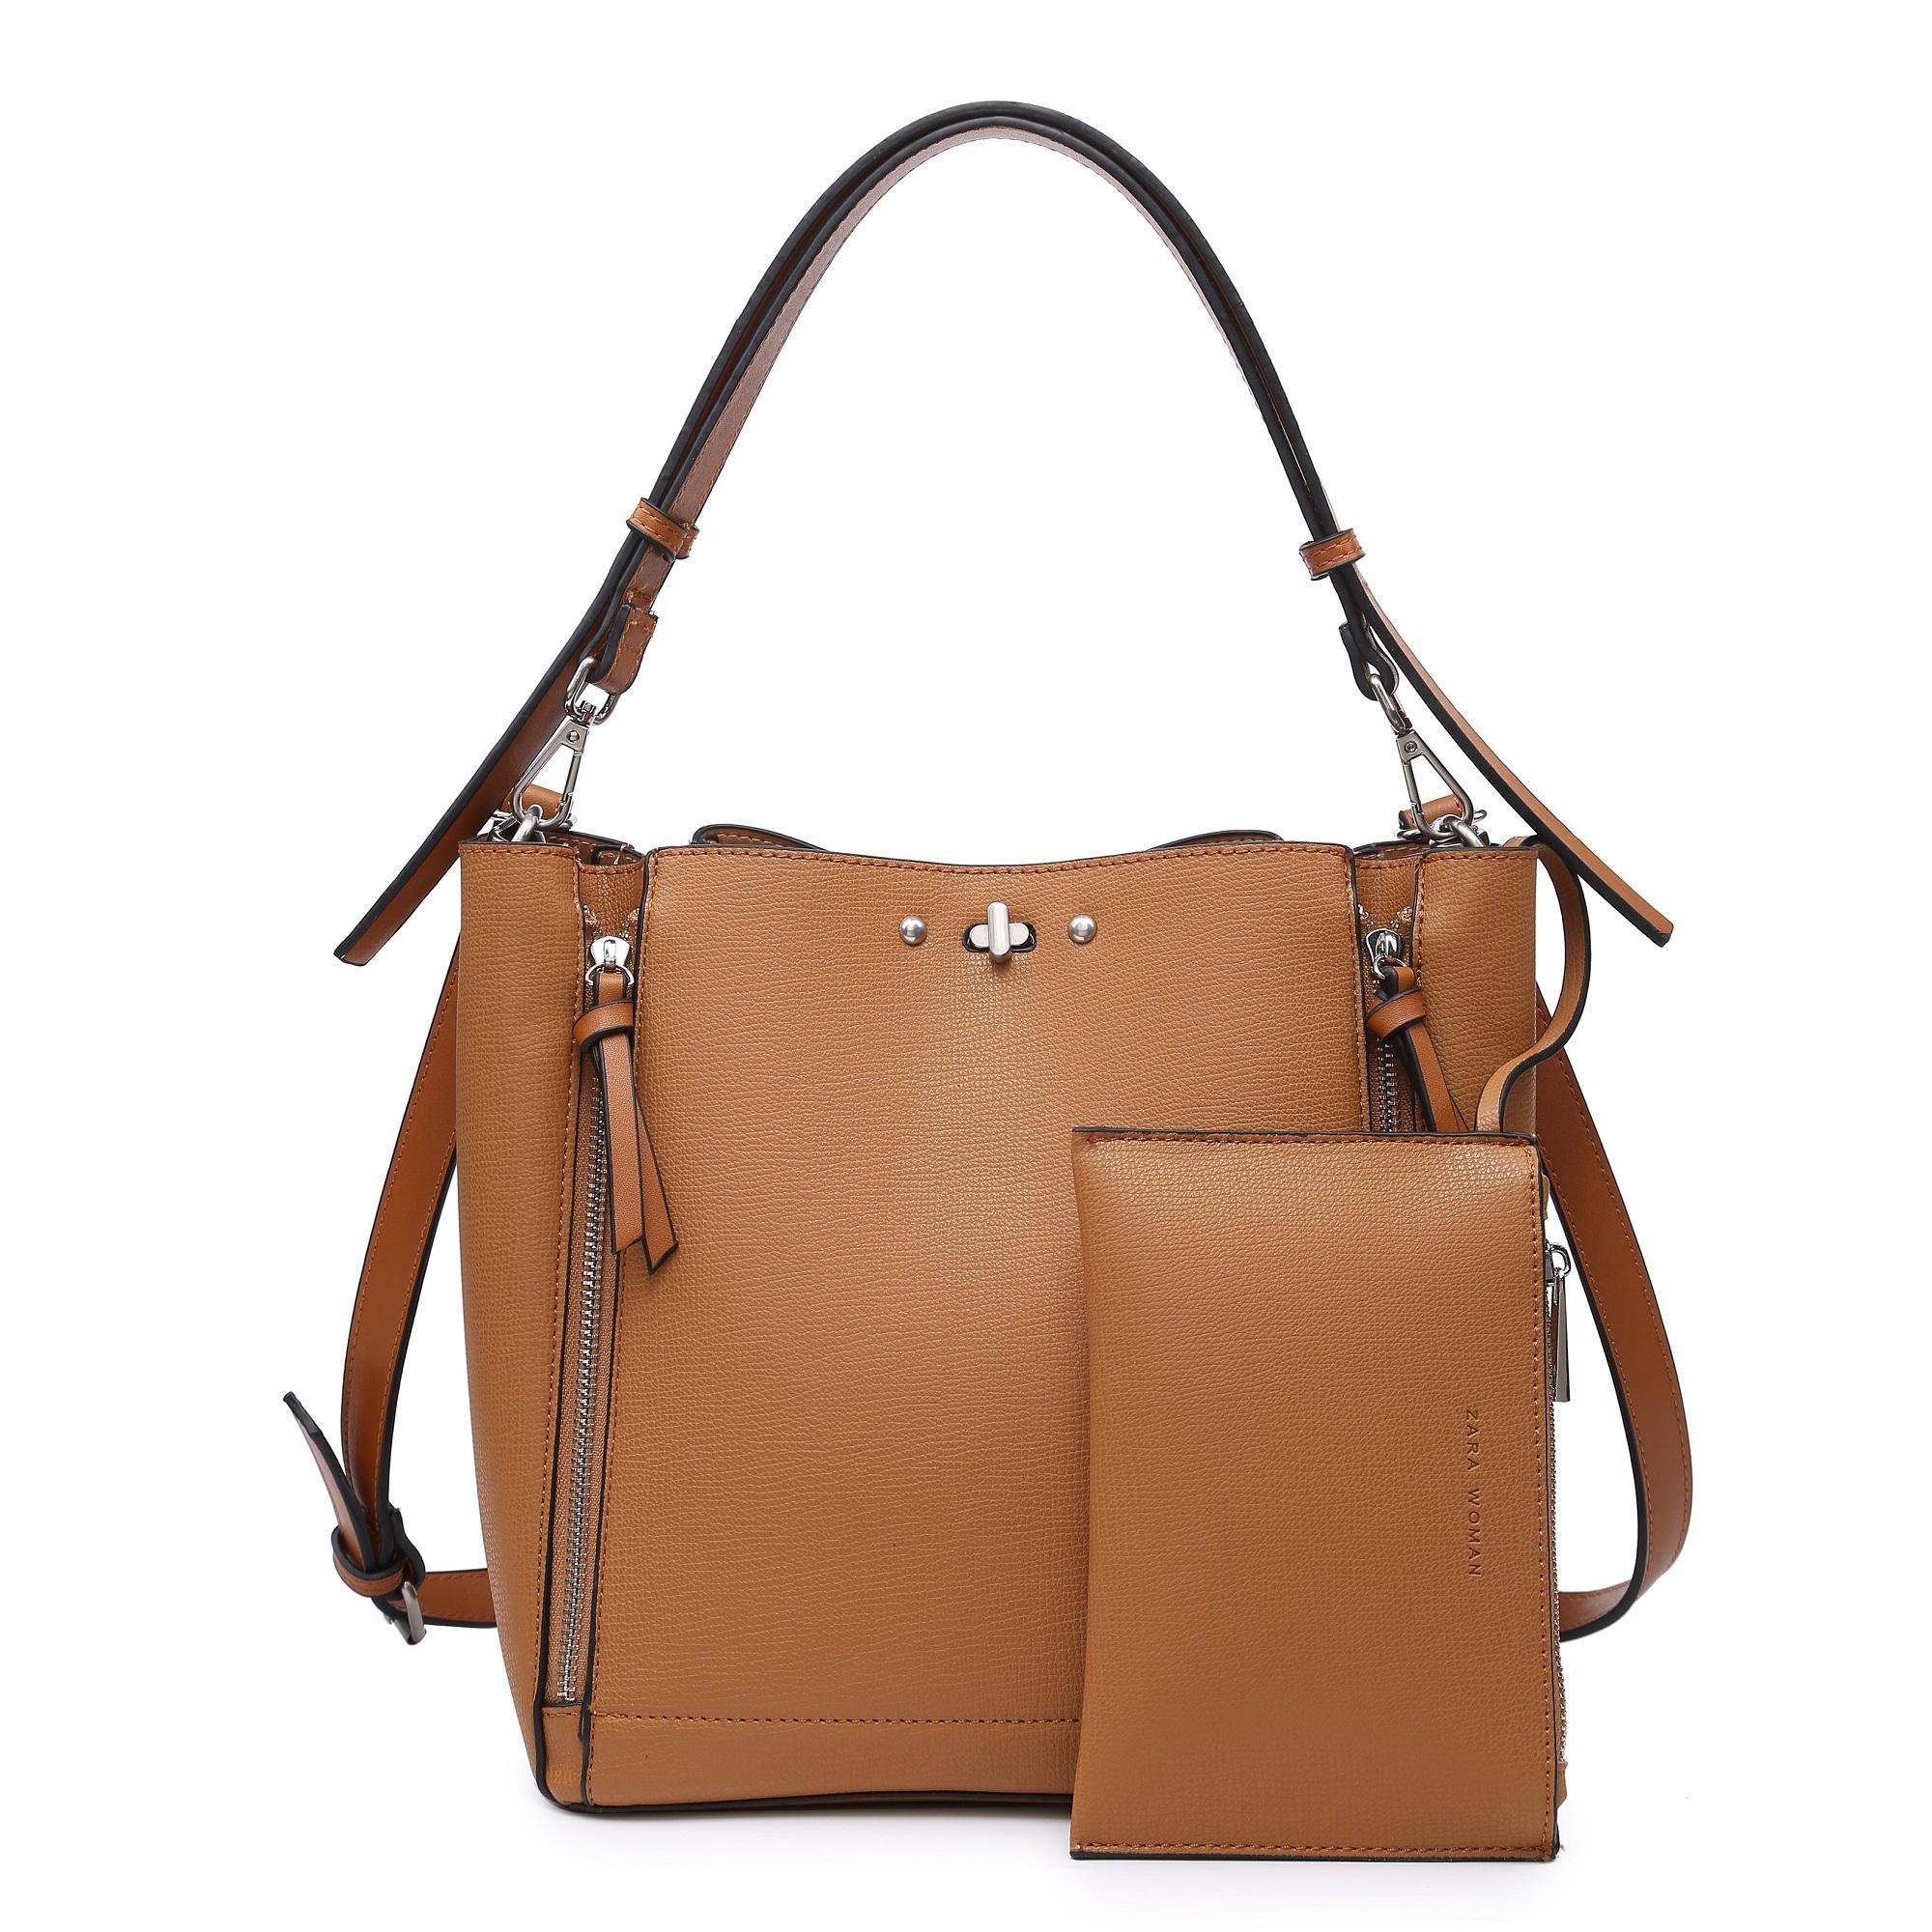 Tas Wanita Murah Brand : Zara shopping bag zip set pocket